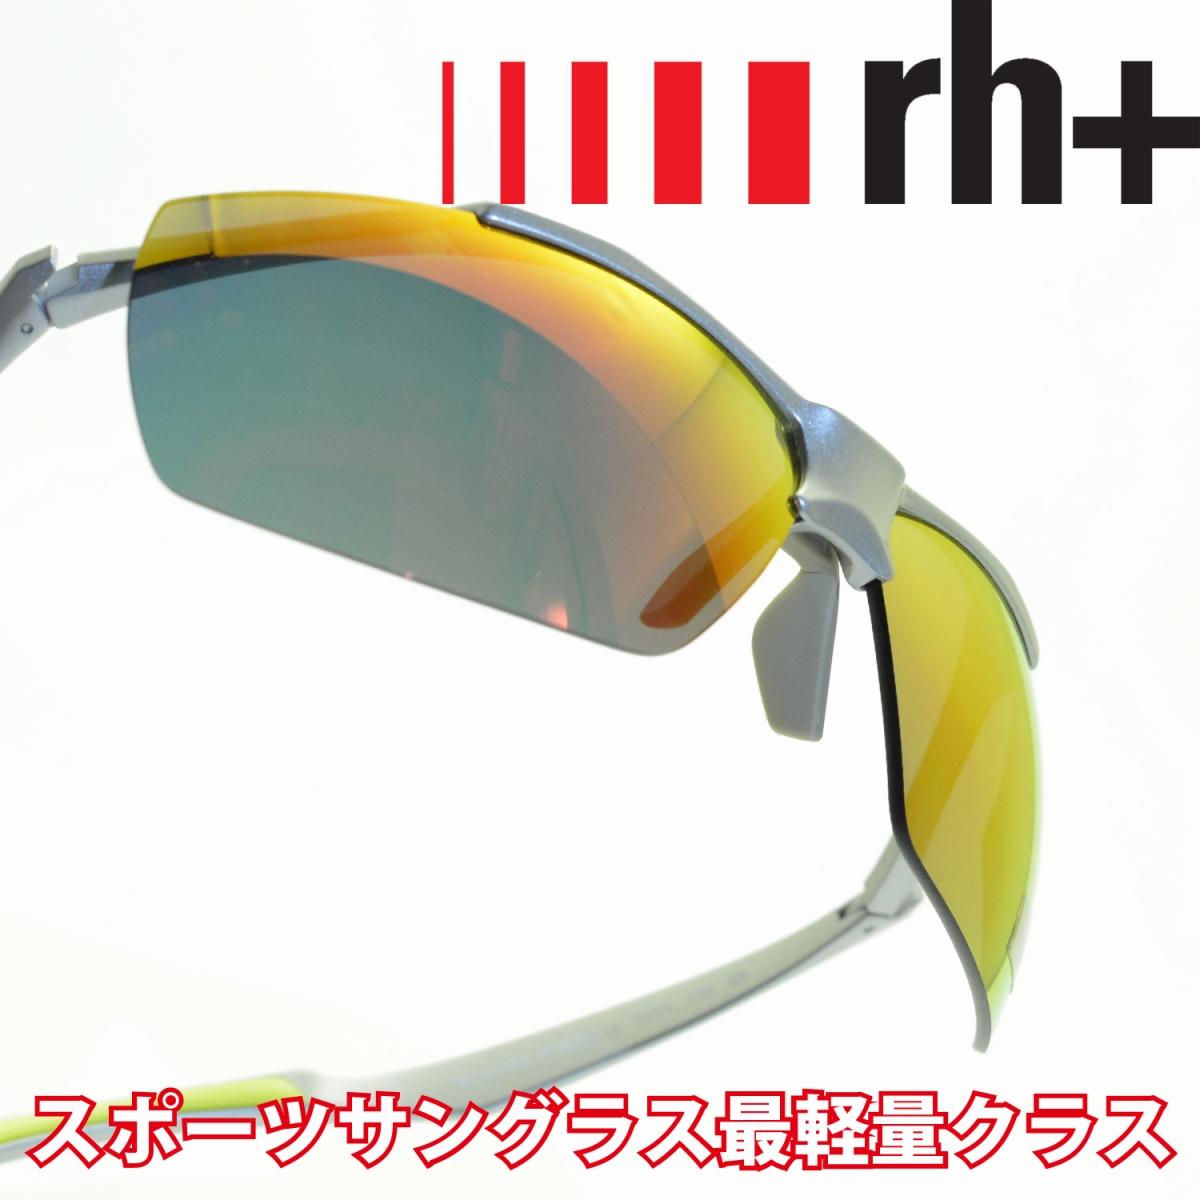 rh+ アールエイチプラス MYTHOS RH833S12メガネ 眼鏡 めがね メンズ レディース おしゃれ ブランド 人気 おすすめ フレーム 流行り 度付き レンズ サングラス スポーツ